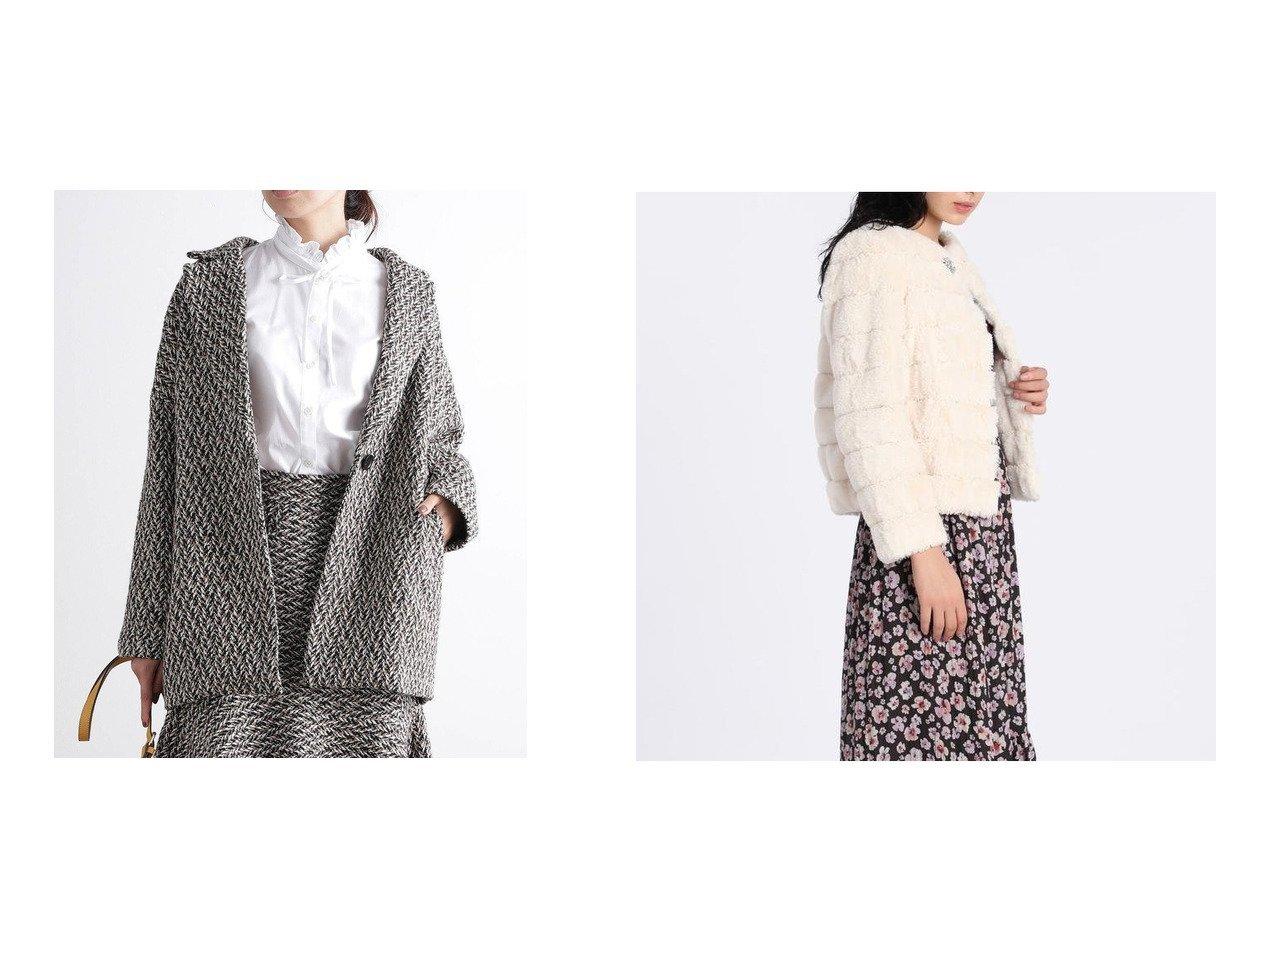 【VIS/ビス】の【セットアップ対応】ツイードヘリンボーンゆるジャケット&【ef-de/エフデ】の《Maglie par ef-de》エコファージャケット アウターのおすすめ!人気、レディースファッションの通販 おすすめで人気のファッション通販商品 インテリア・家具・キッズファッション・メンズファッション・レディースファッション・服の通販 founy(ファニー) https://founy.com/ ファッション Fashion レディース WOMEN アウター Coat Outerwear ジャケット Jackets テーラードジャケット Tailored Jackets コート Coats クラシカル ジャケット セットアップ ツイード 冬 Winter バランス ブローチ ラグジュアリー  ID:crp329100000003077